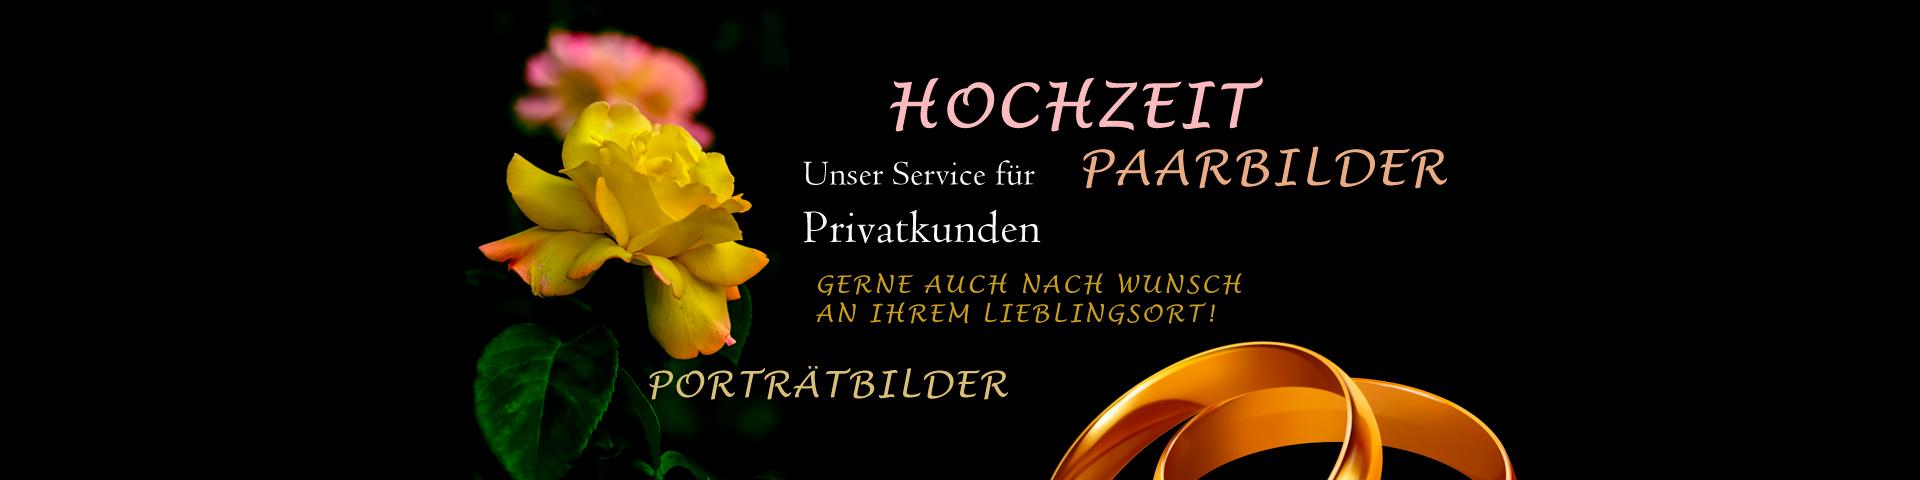 Privatkundenservice von Jürgen Heise